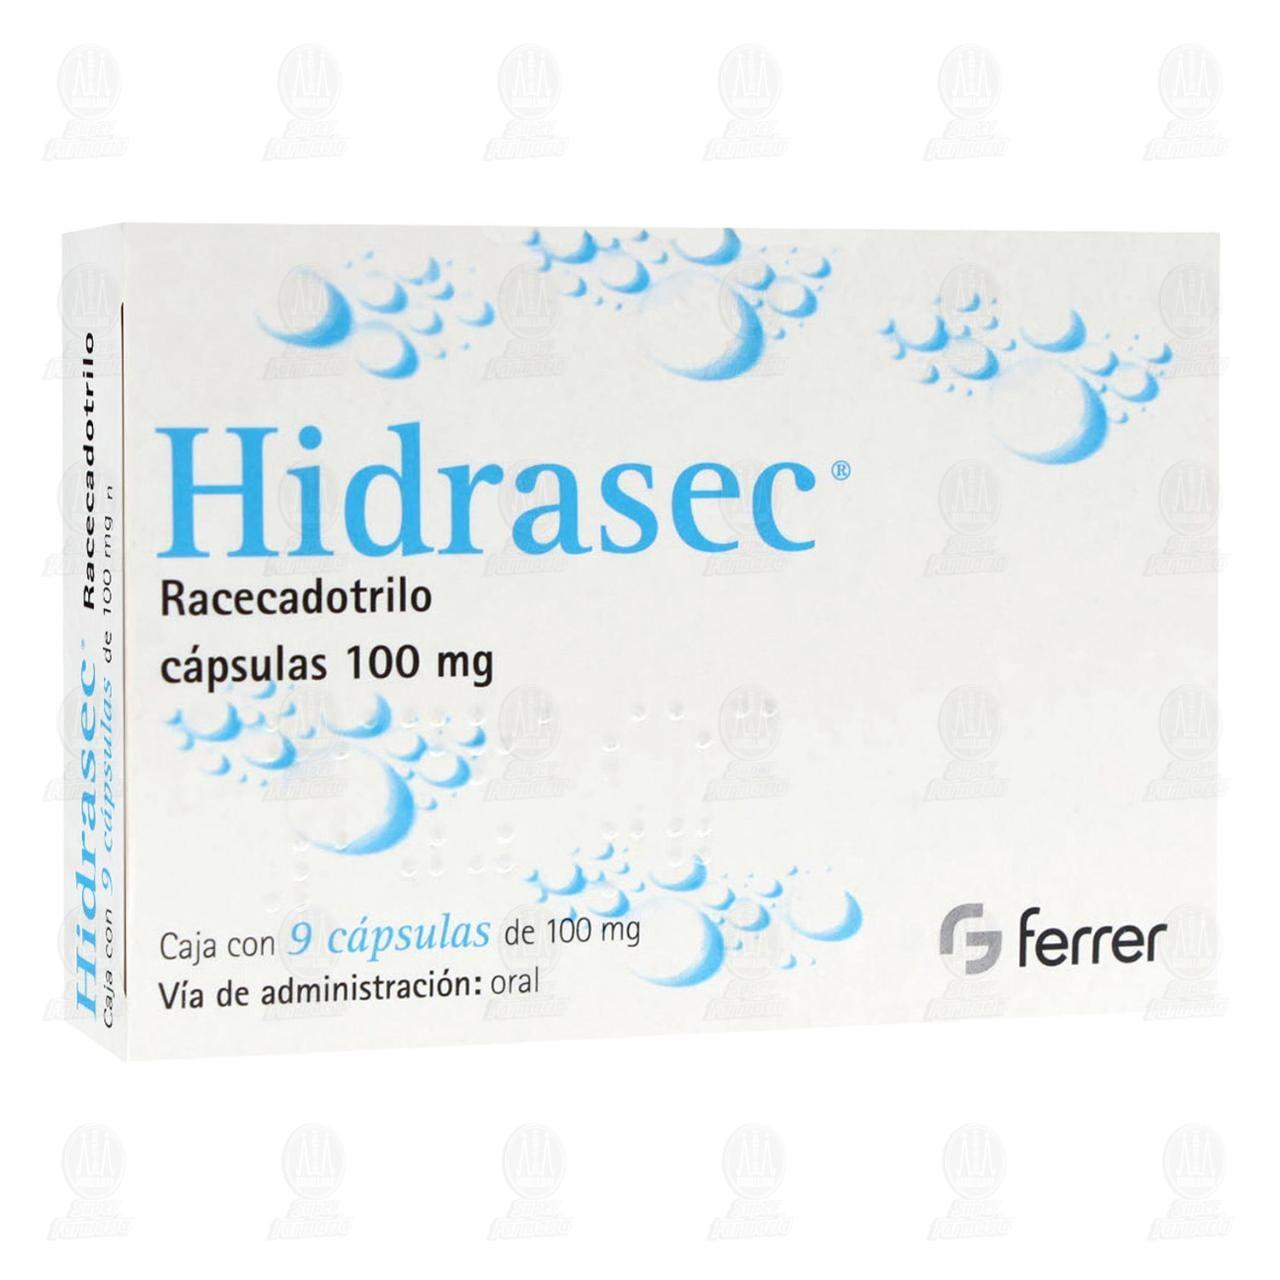 Comprar Hidrasec 100mg 9 Cápsulas en Farmacias Guadalajara